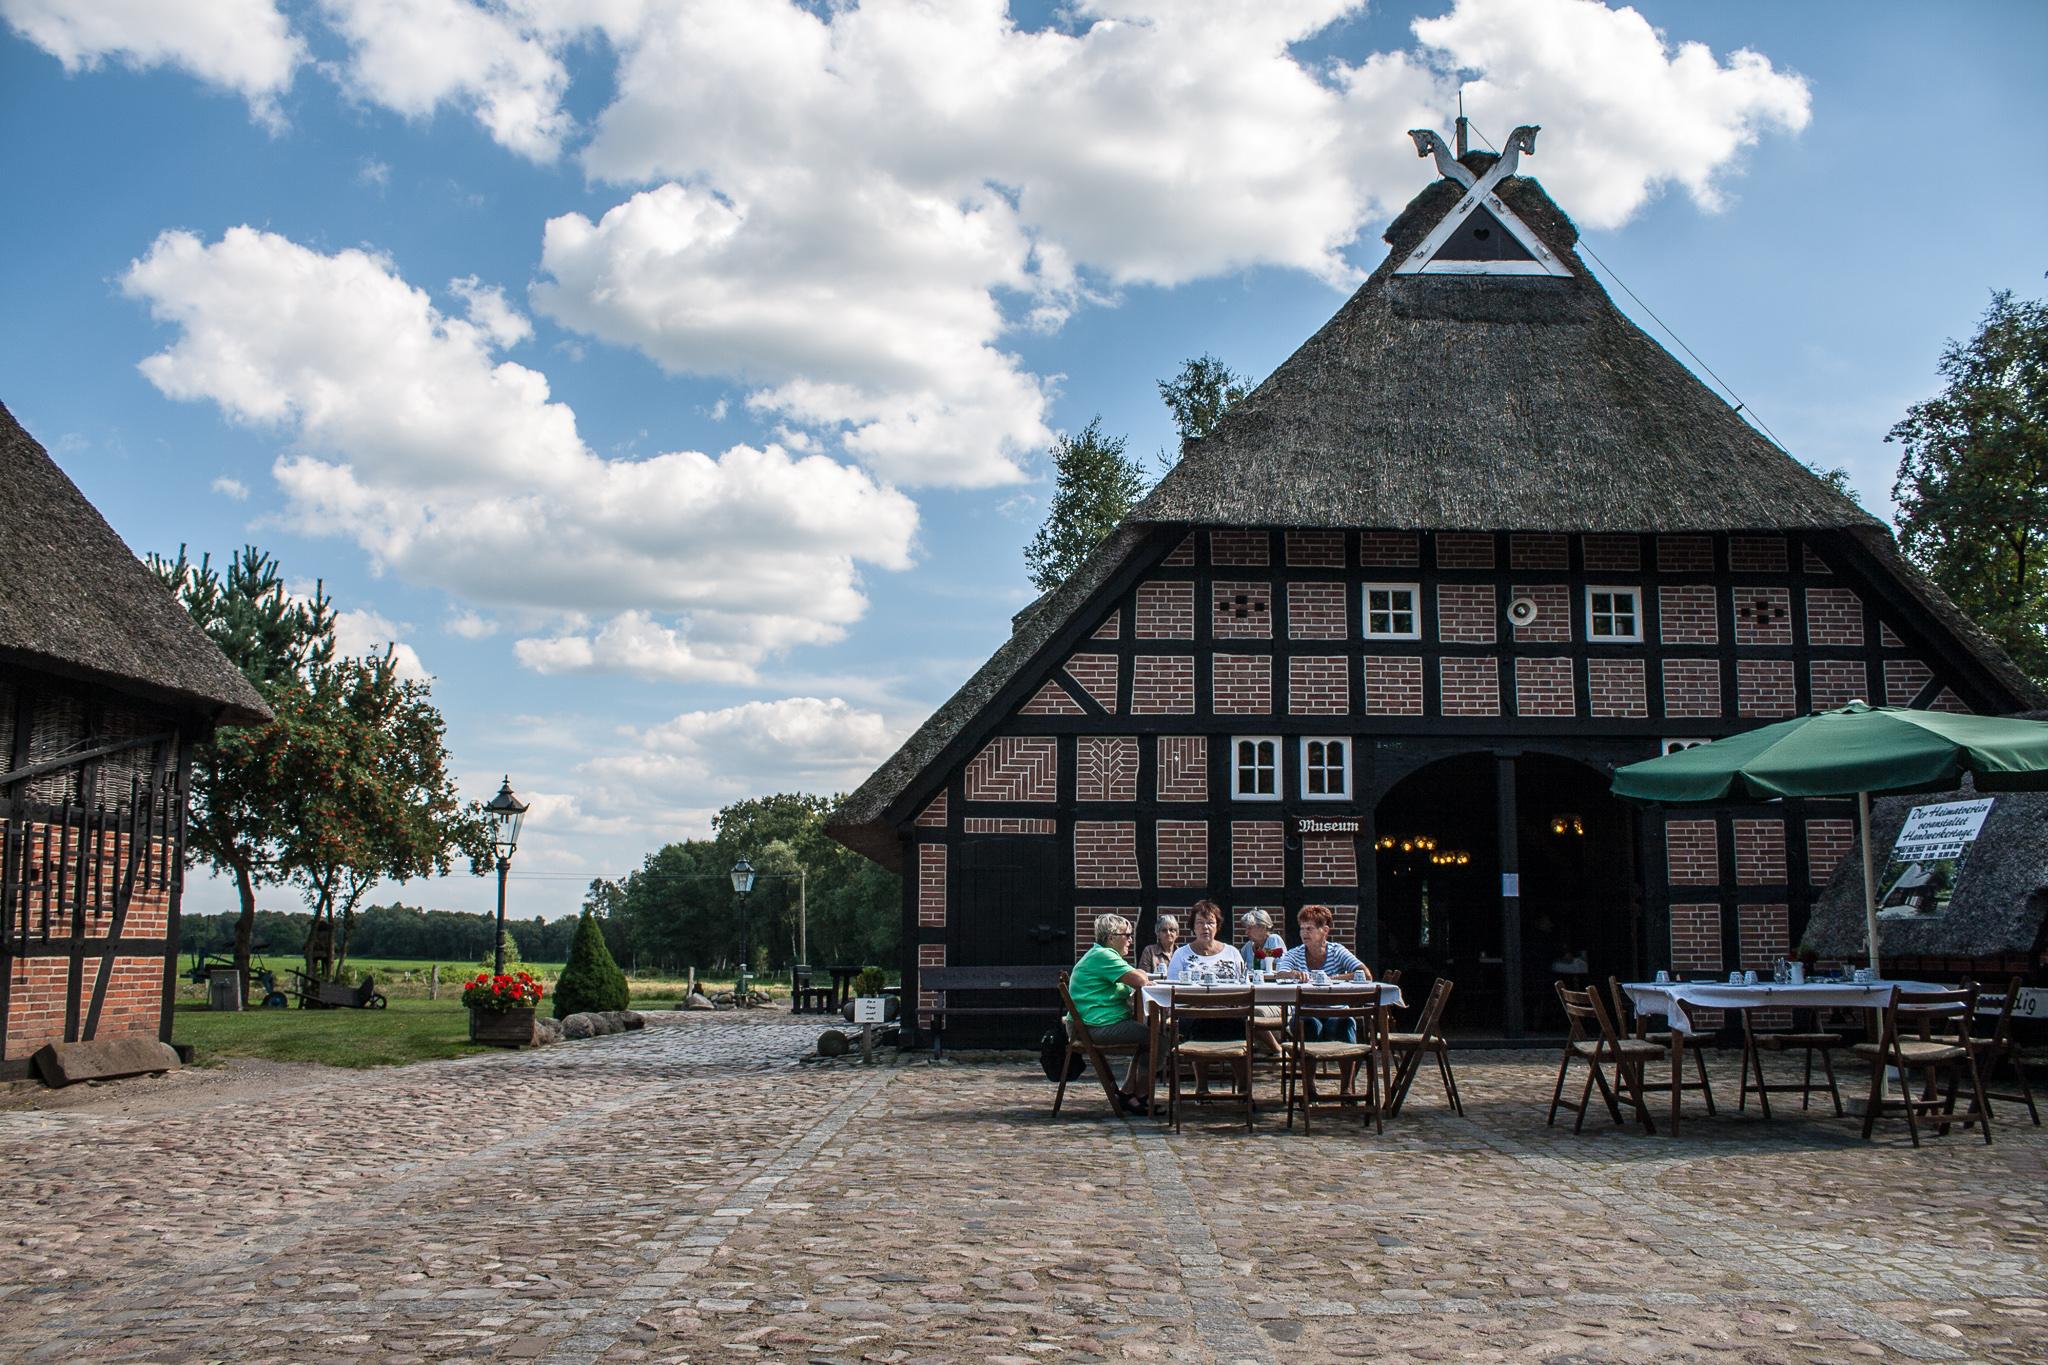 Museen im Landkreis Osterholz